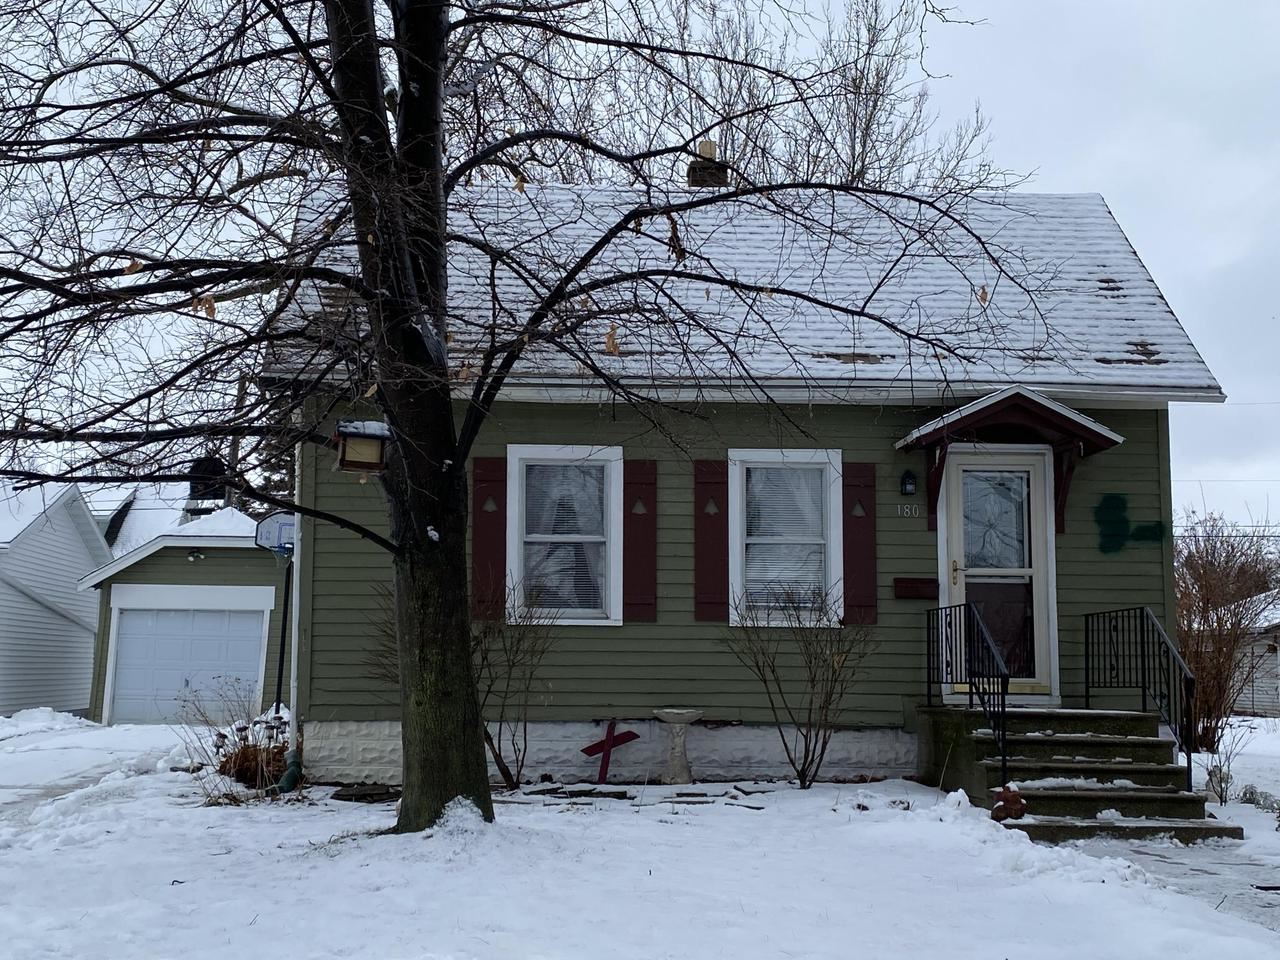 180 Boyd St, Fond du Lac, WI 54935 - MLS#: 1725964